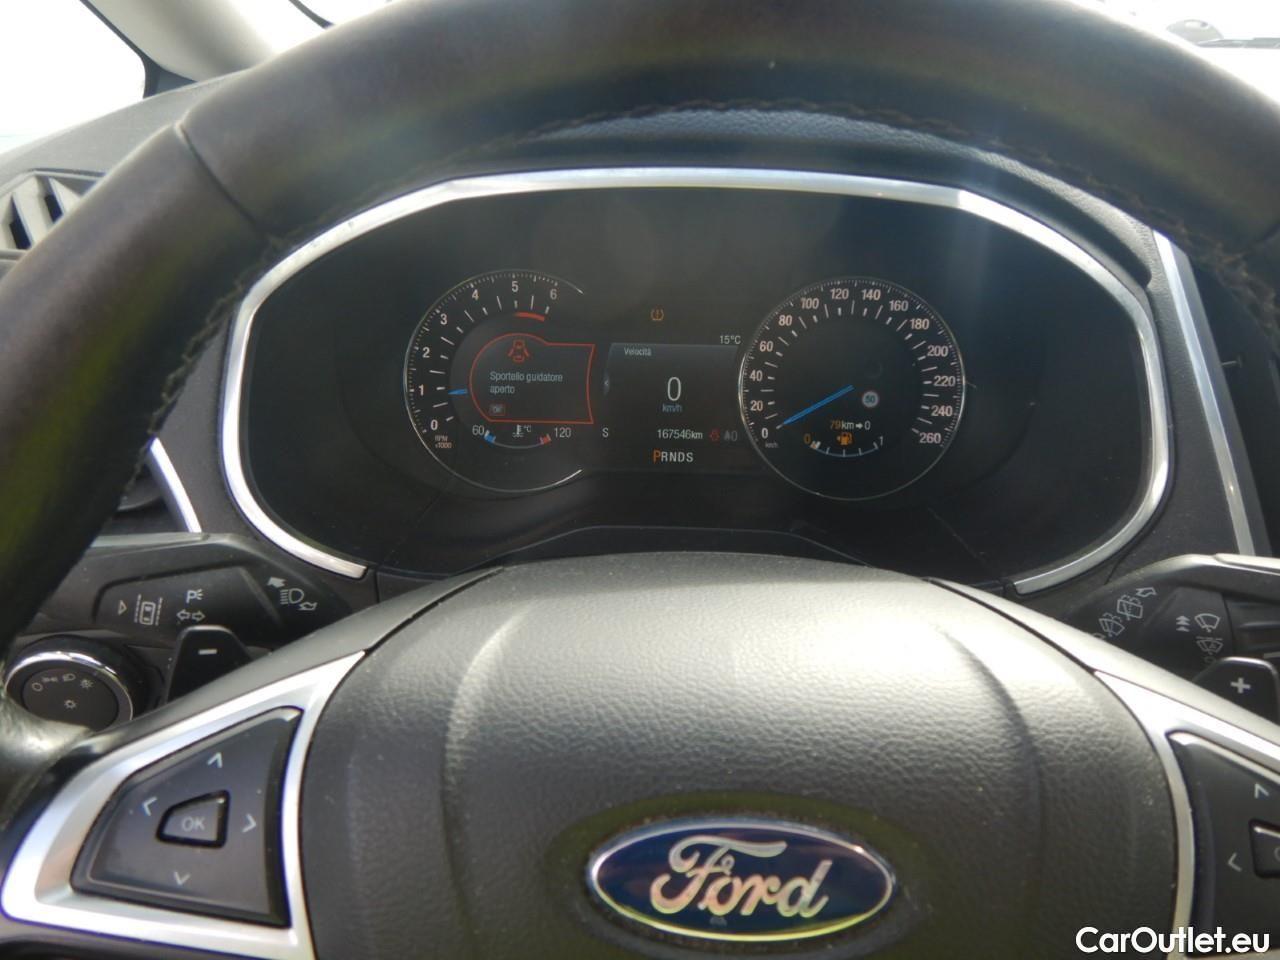 Ford  Galaxy 2.0 Tdci 180cv S&s Pshift Titanium #4